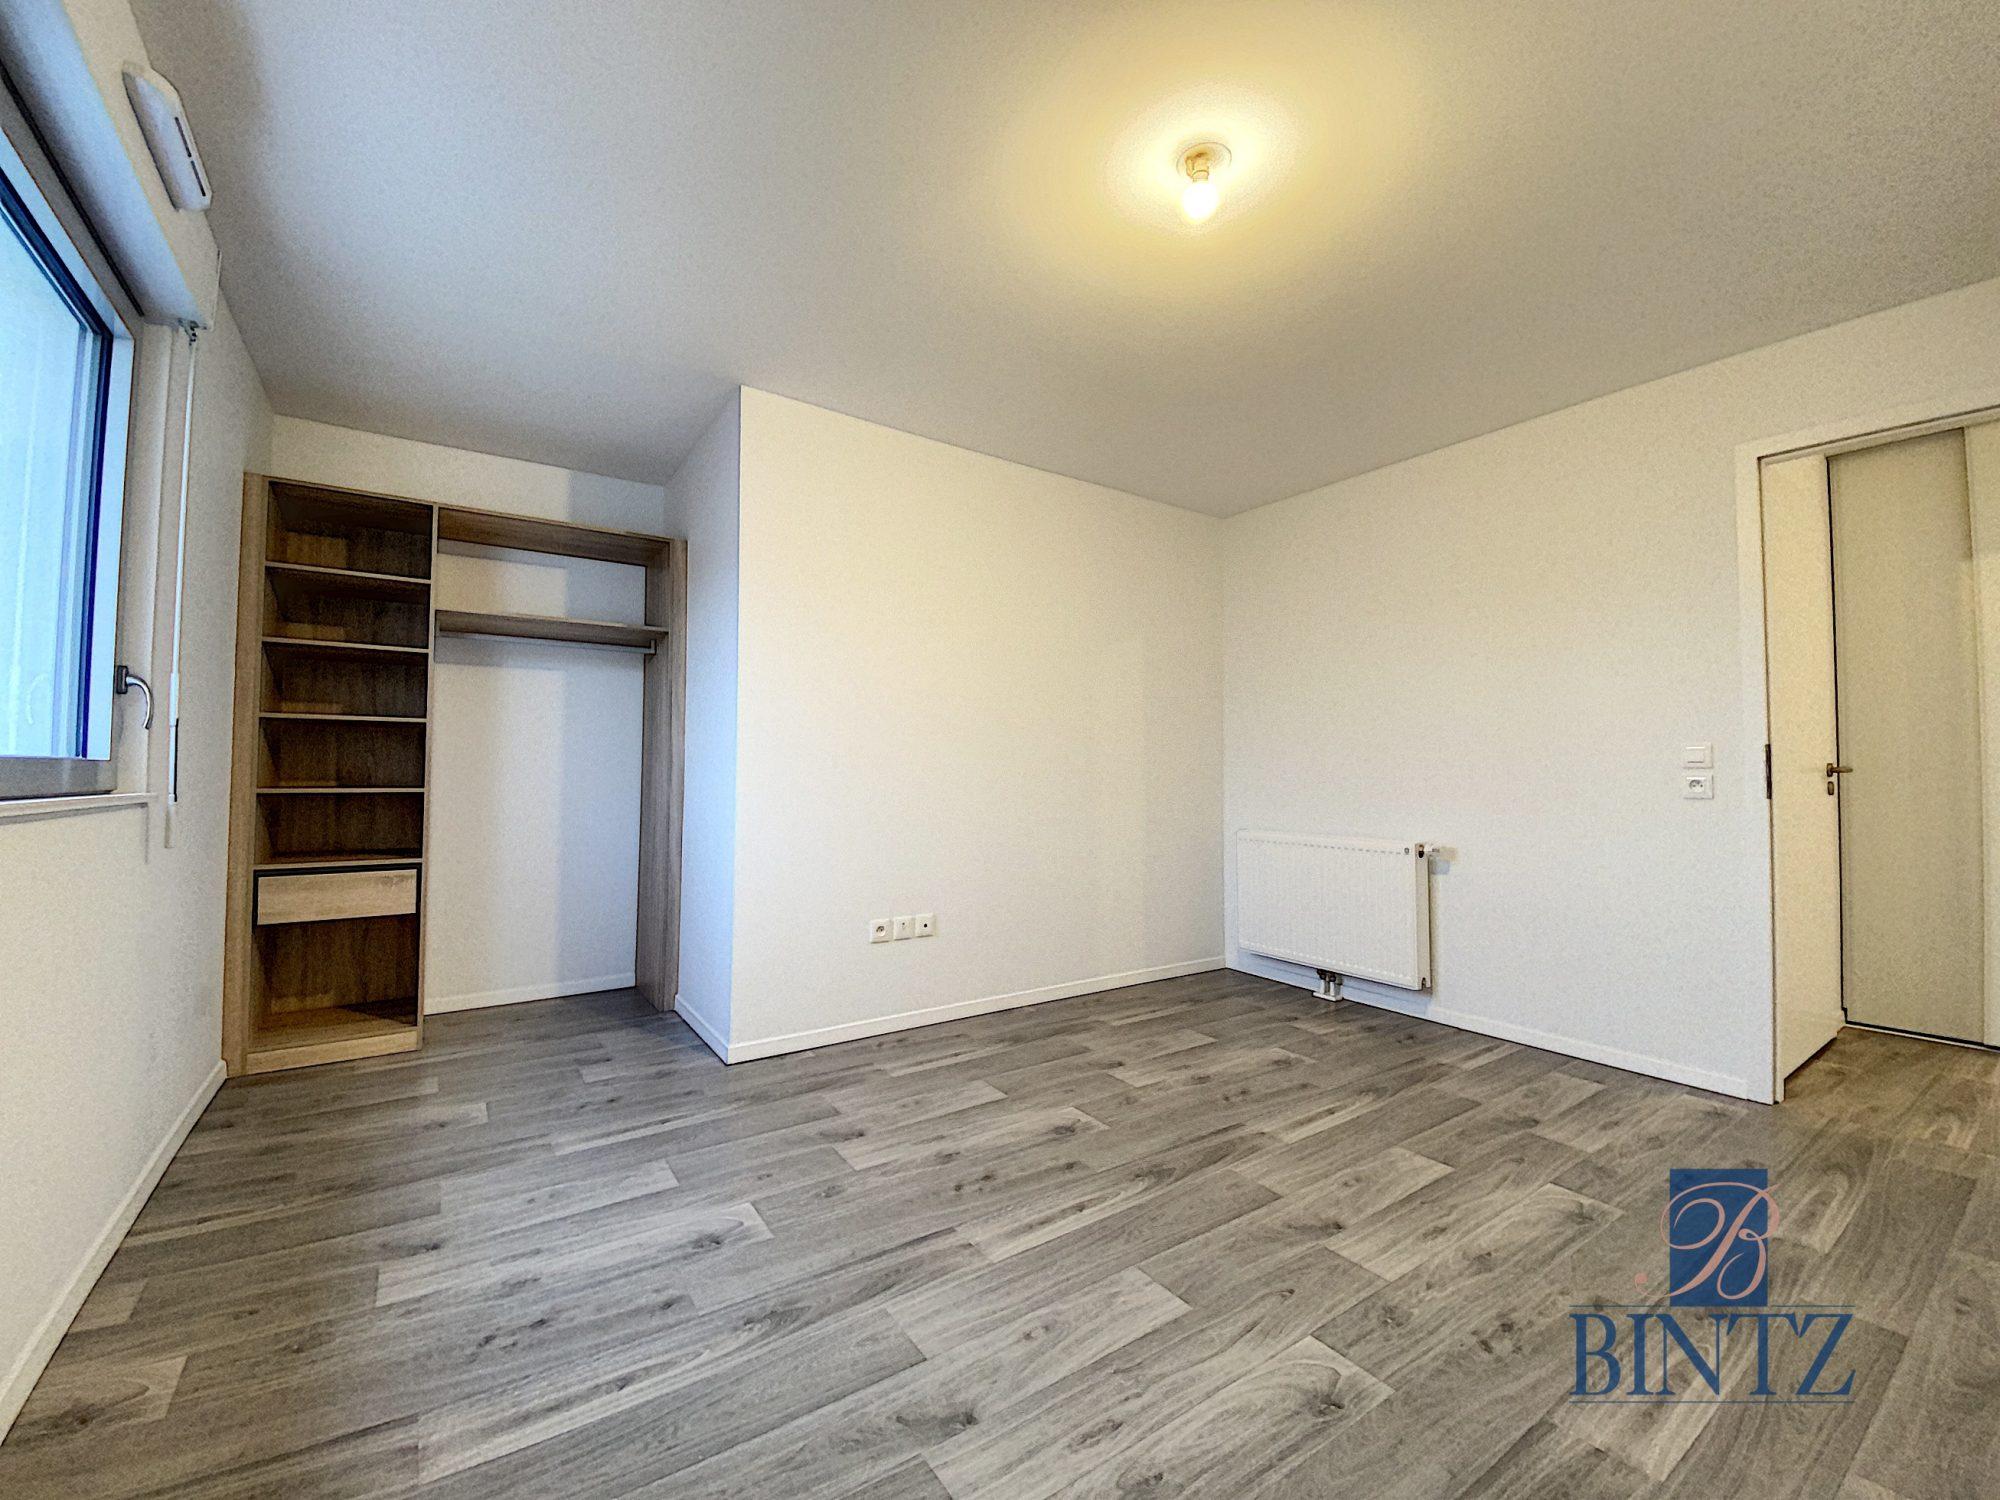 3 Pièces NEUF Quartier des brasseurs - Devenez locataire en toute sérénité - Bintz Immobilier - 5